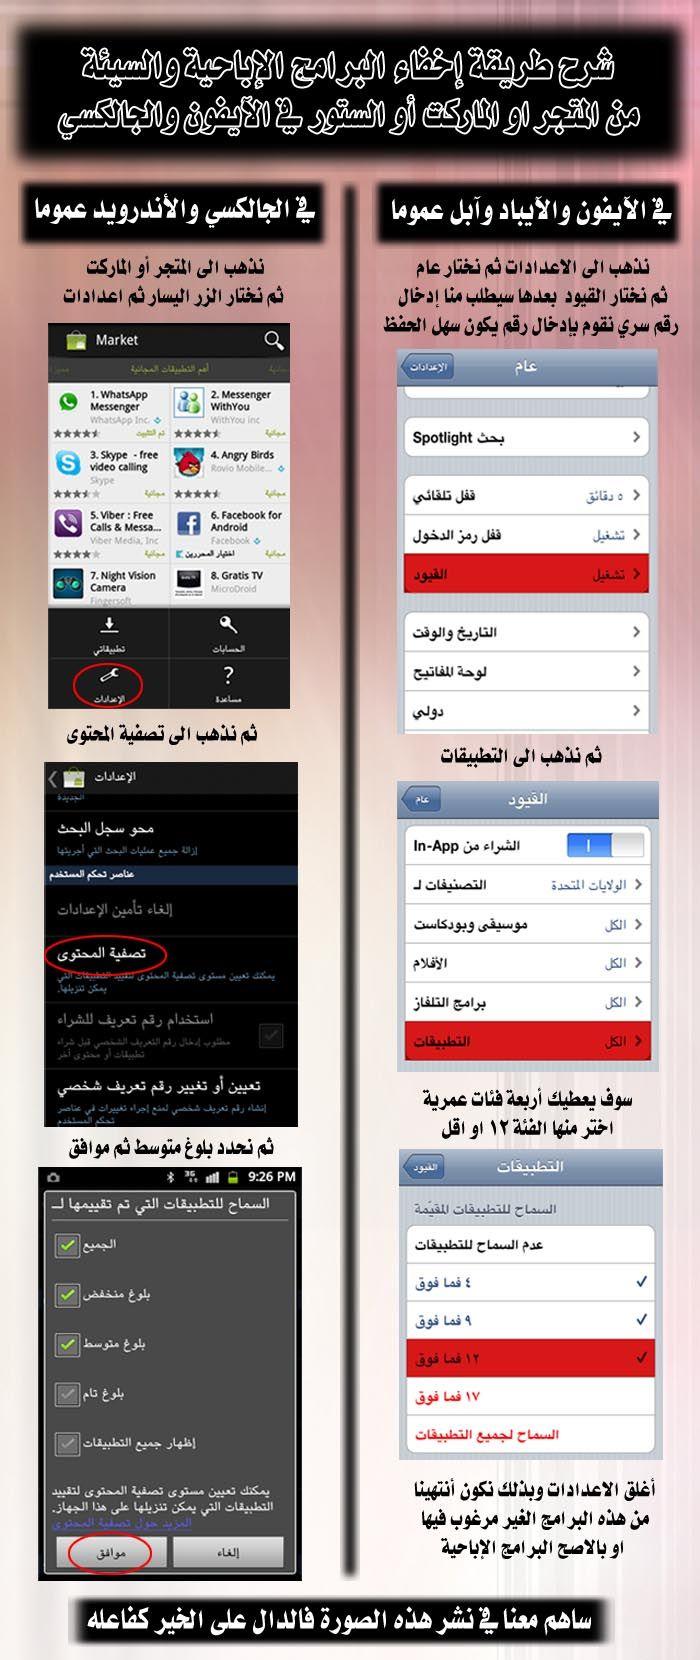 البرامج الاباحية الايفون والجالكسي 274263.jpg